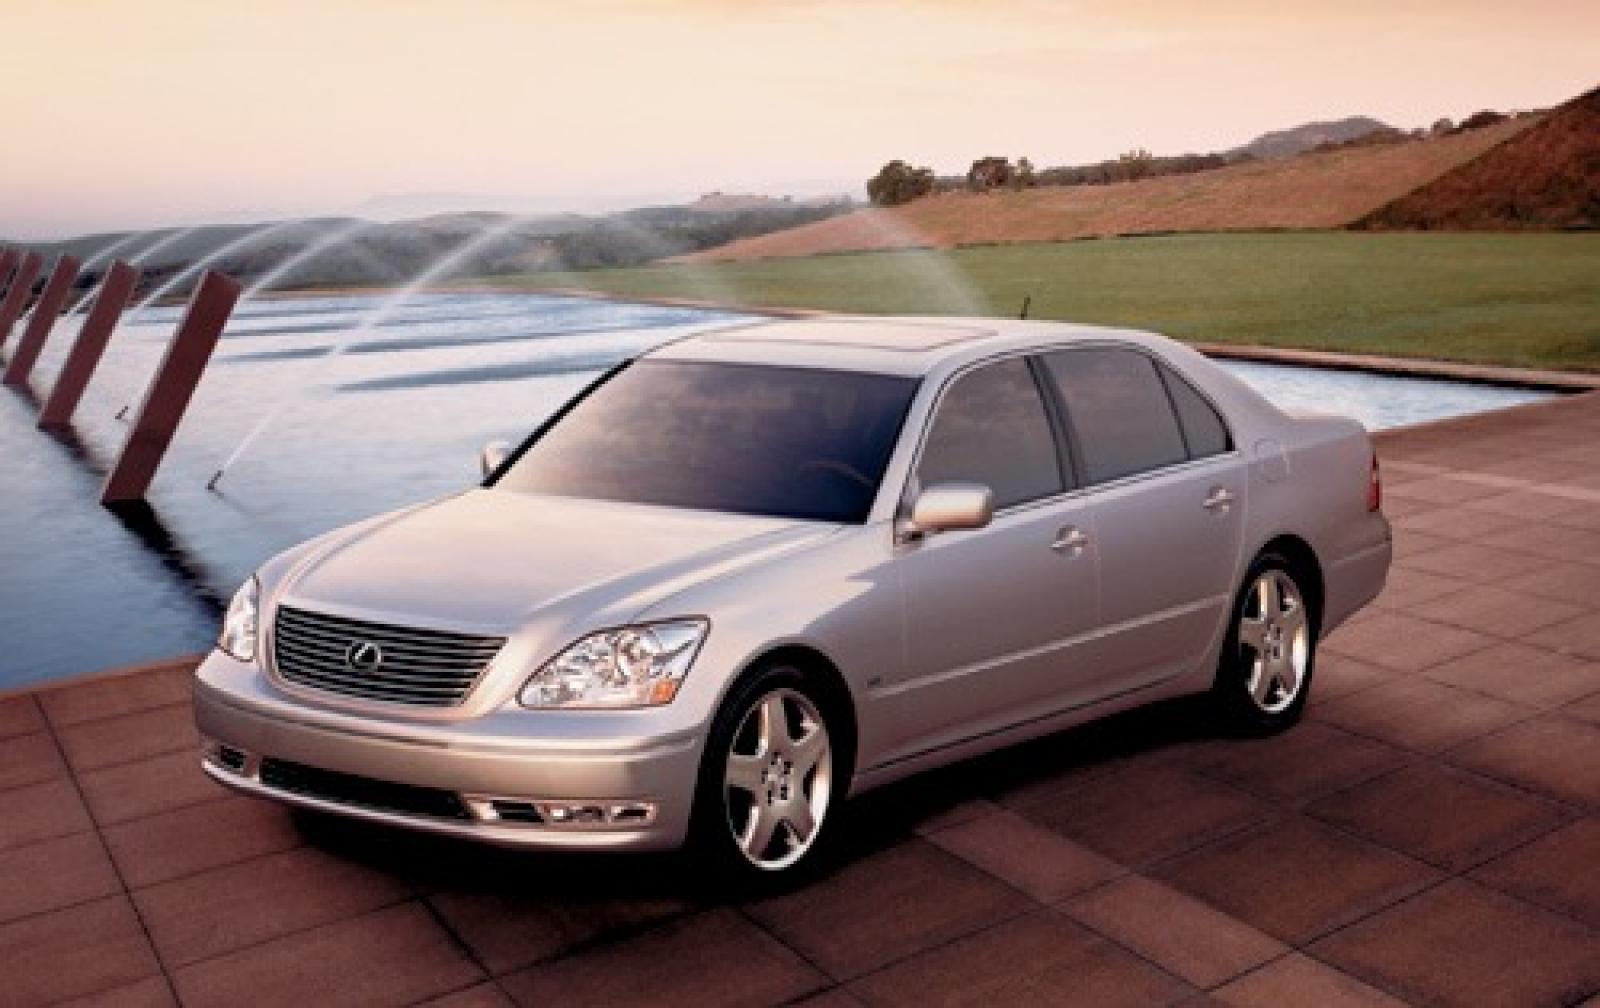 800 1024 1280 1600 Origin 2005 Lexus LS 430 ...